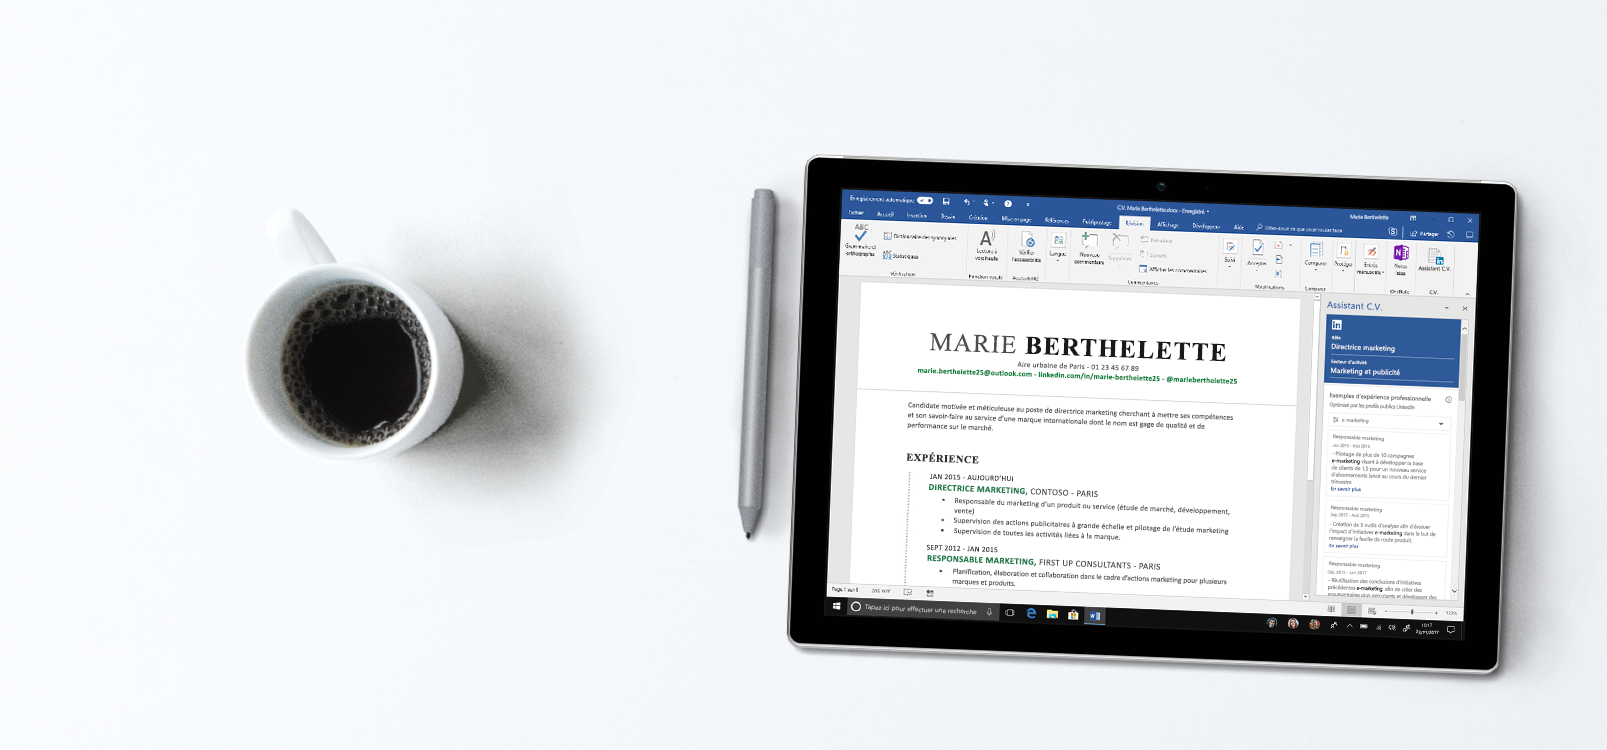 Écran de tablette affichant Word, avec la barre Assistant CV sur la droite ainsi que des exemples de CV